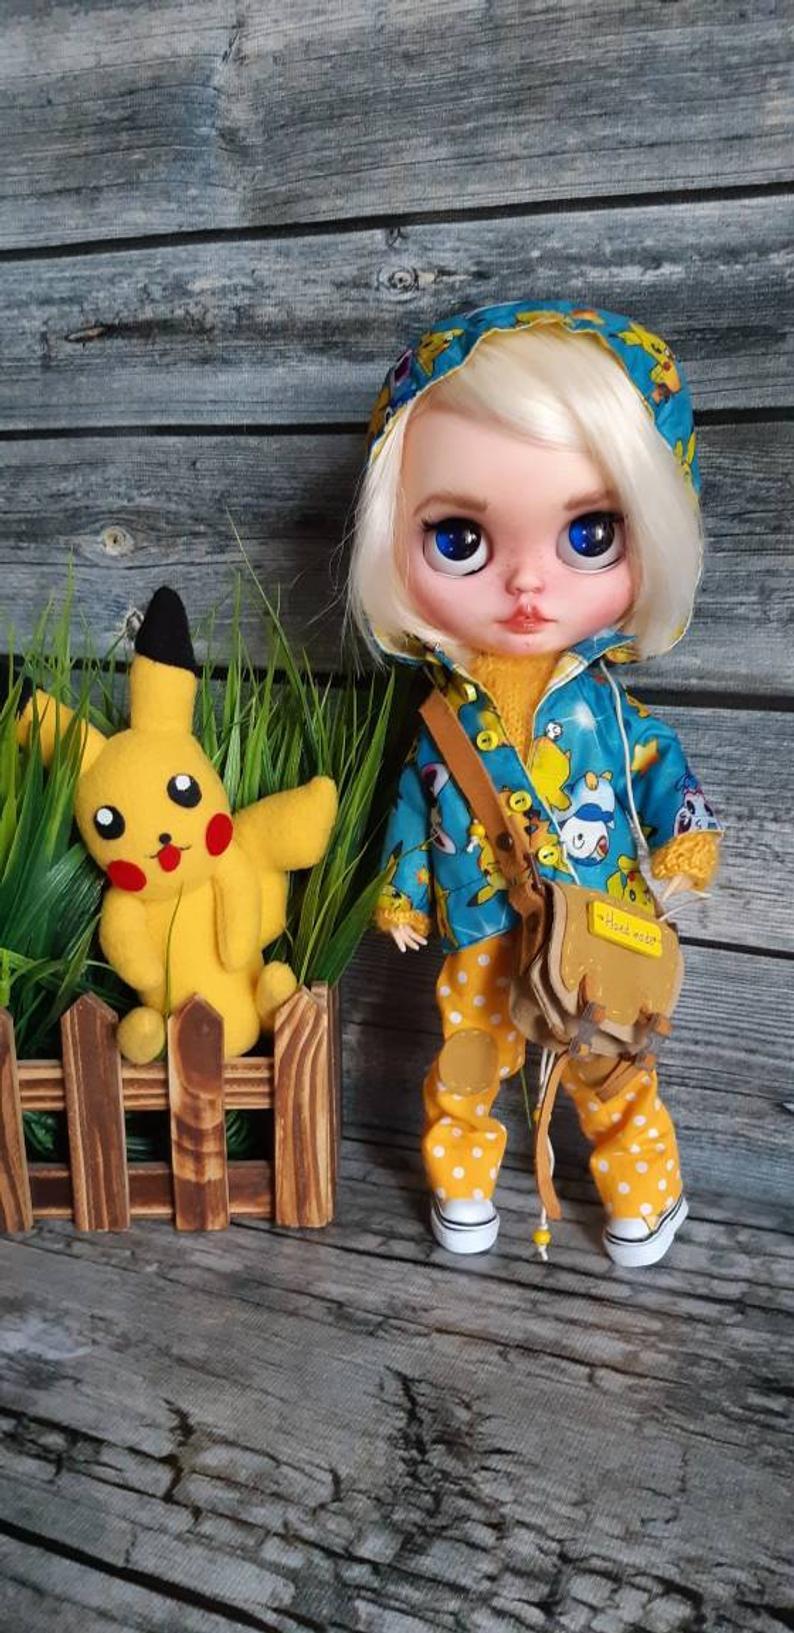 Pikachu - Custom Blythe Doll One-Of-A-Kind OOAK Custom Blythe Doll (OOAK)